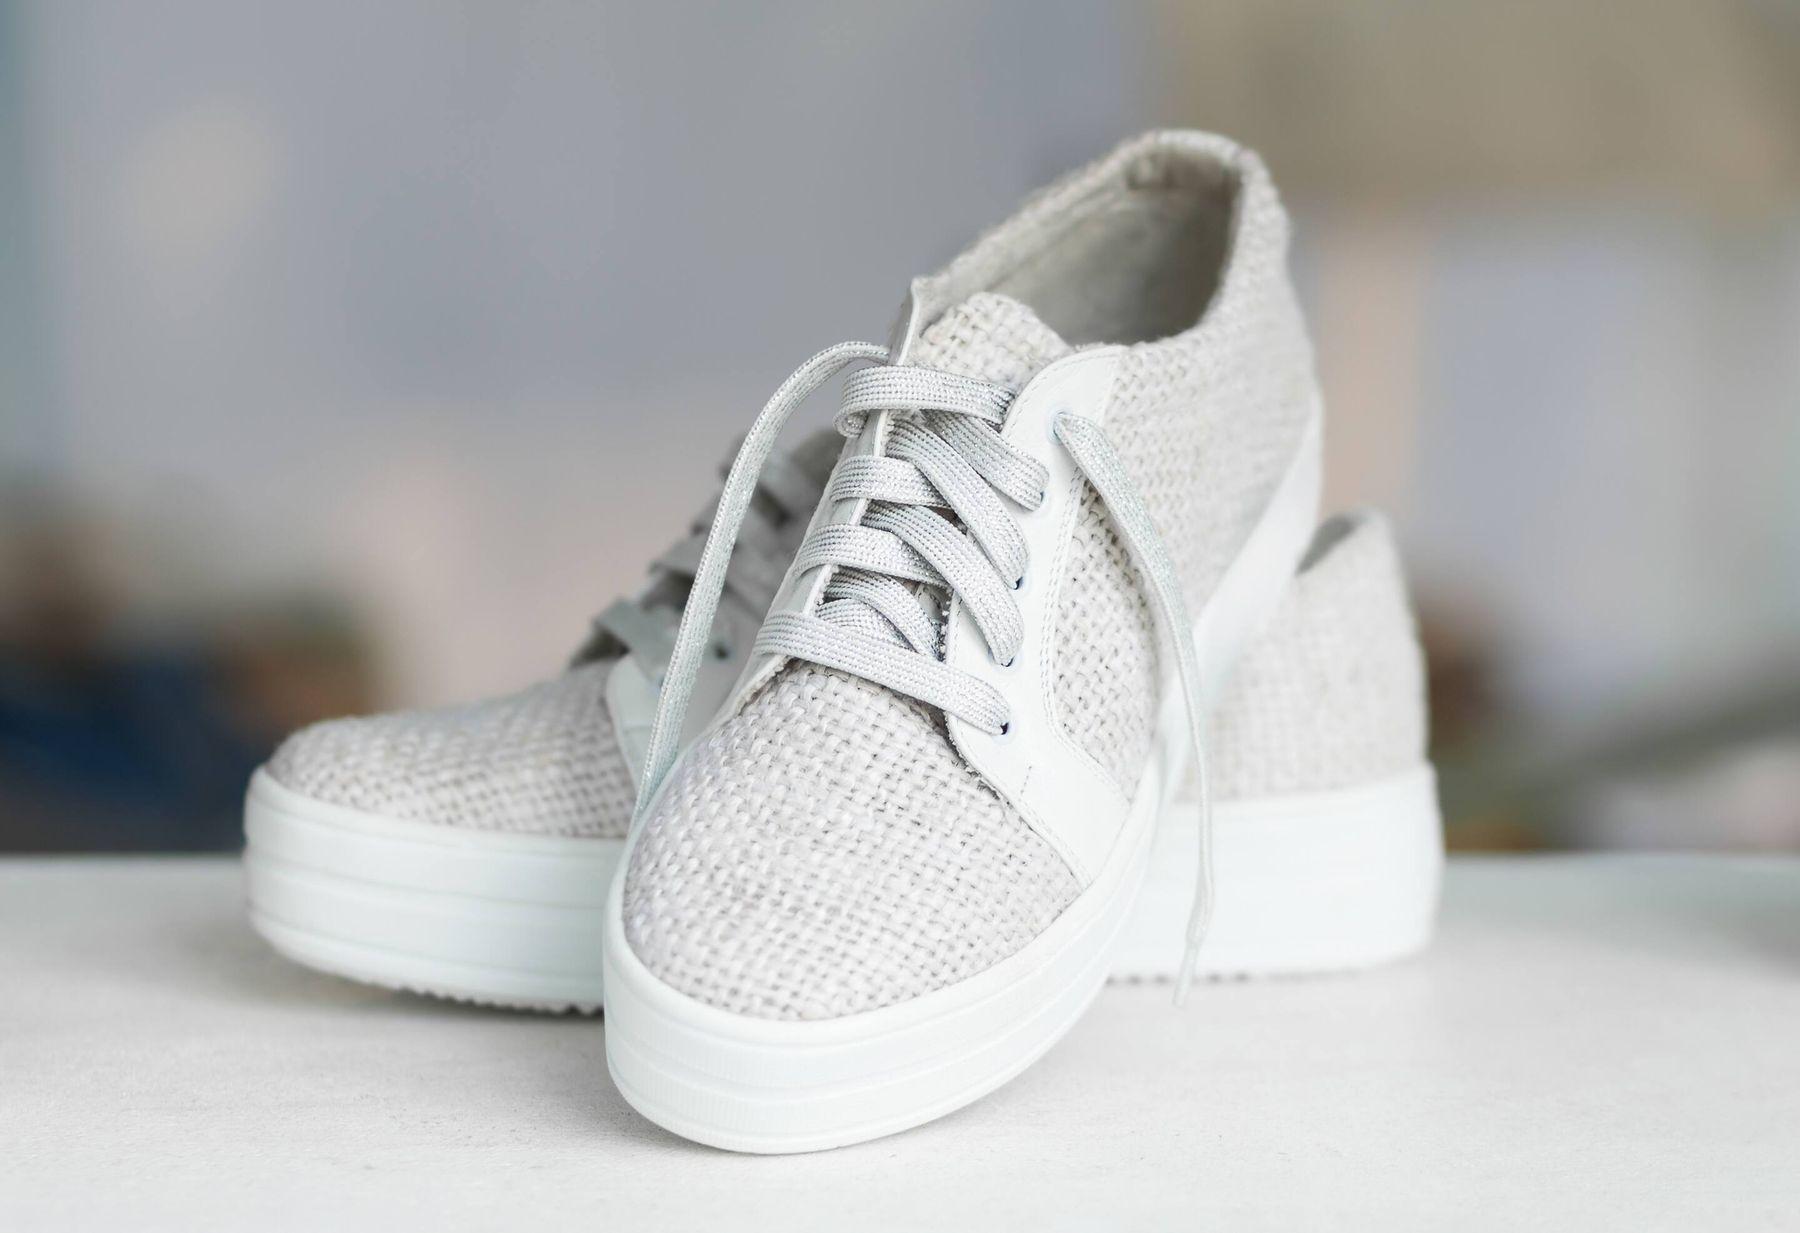 Beyaz bez ayakkabı nasıl temizlenir